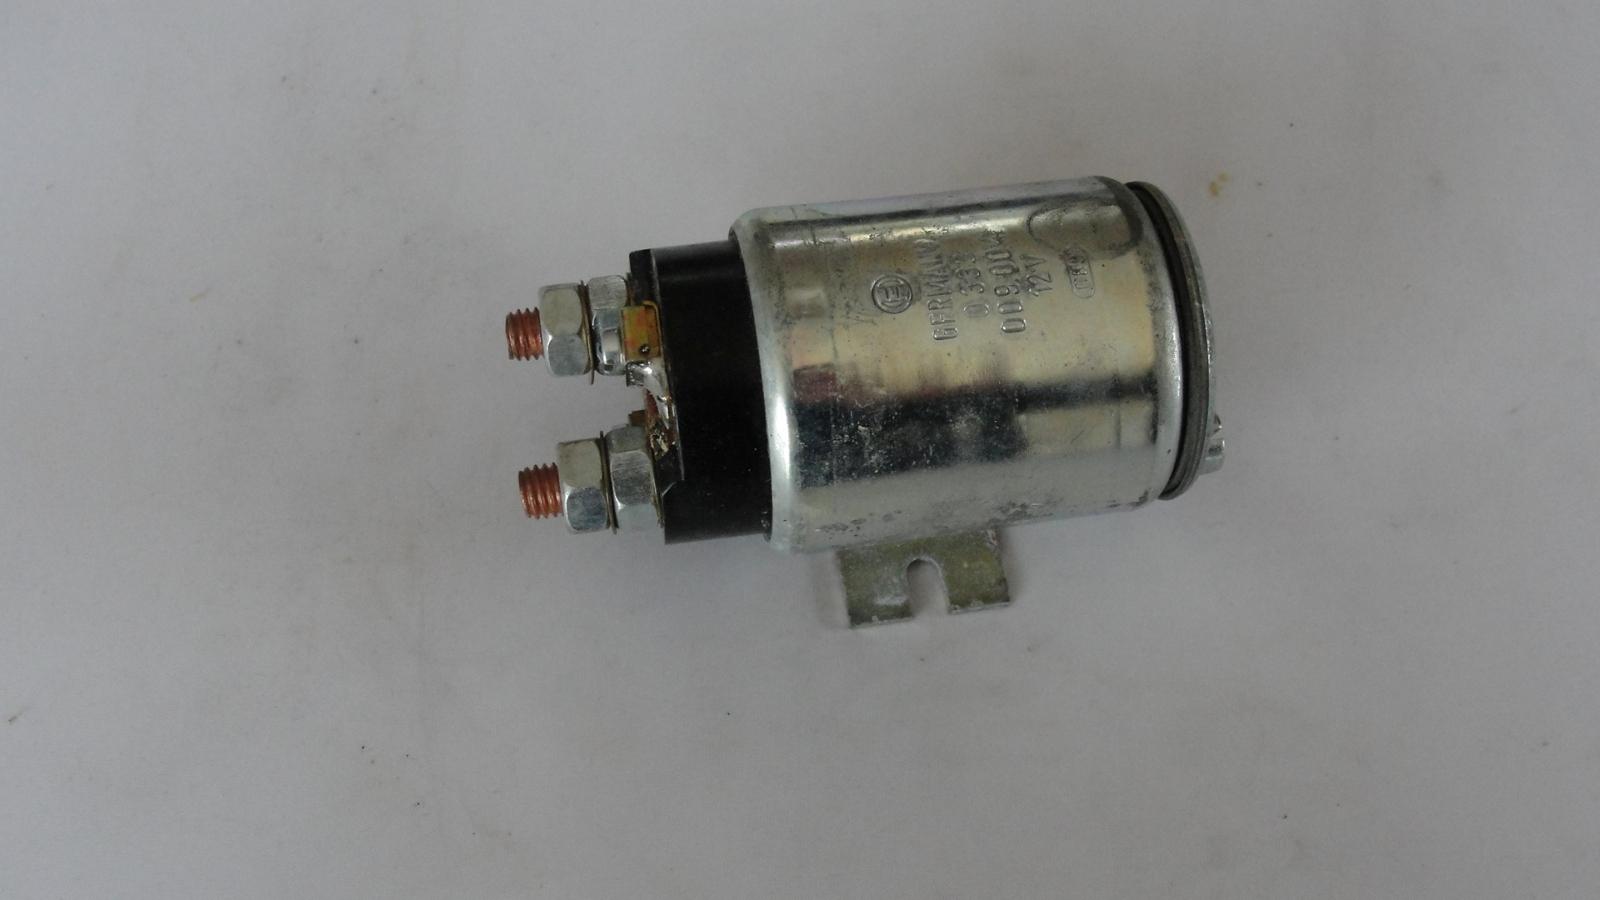 Bosch Relais  0333009004 12Volt 150A  Relay start inhibit  Relay Relé Relais